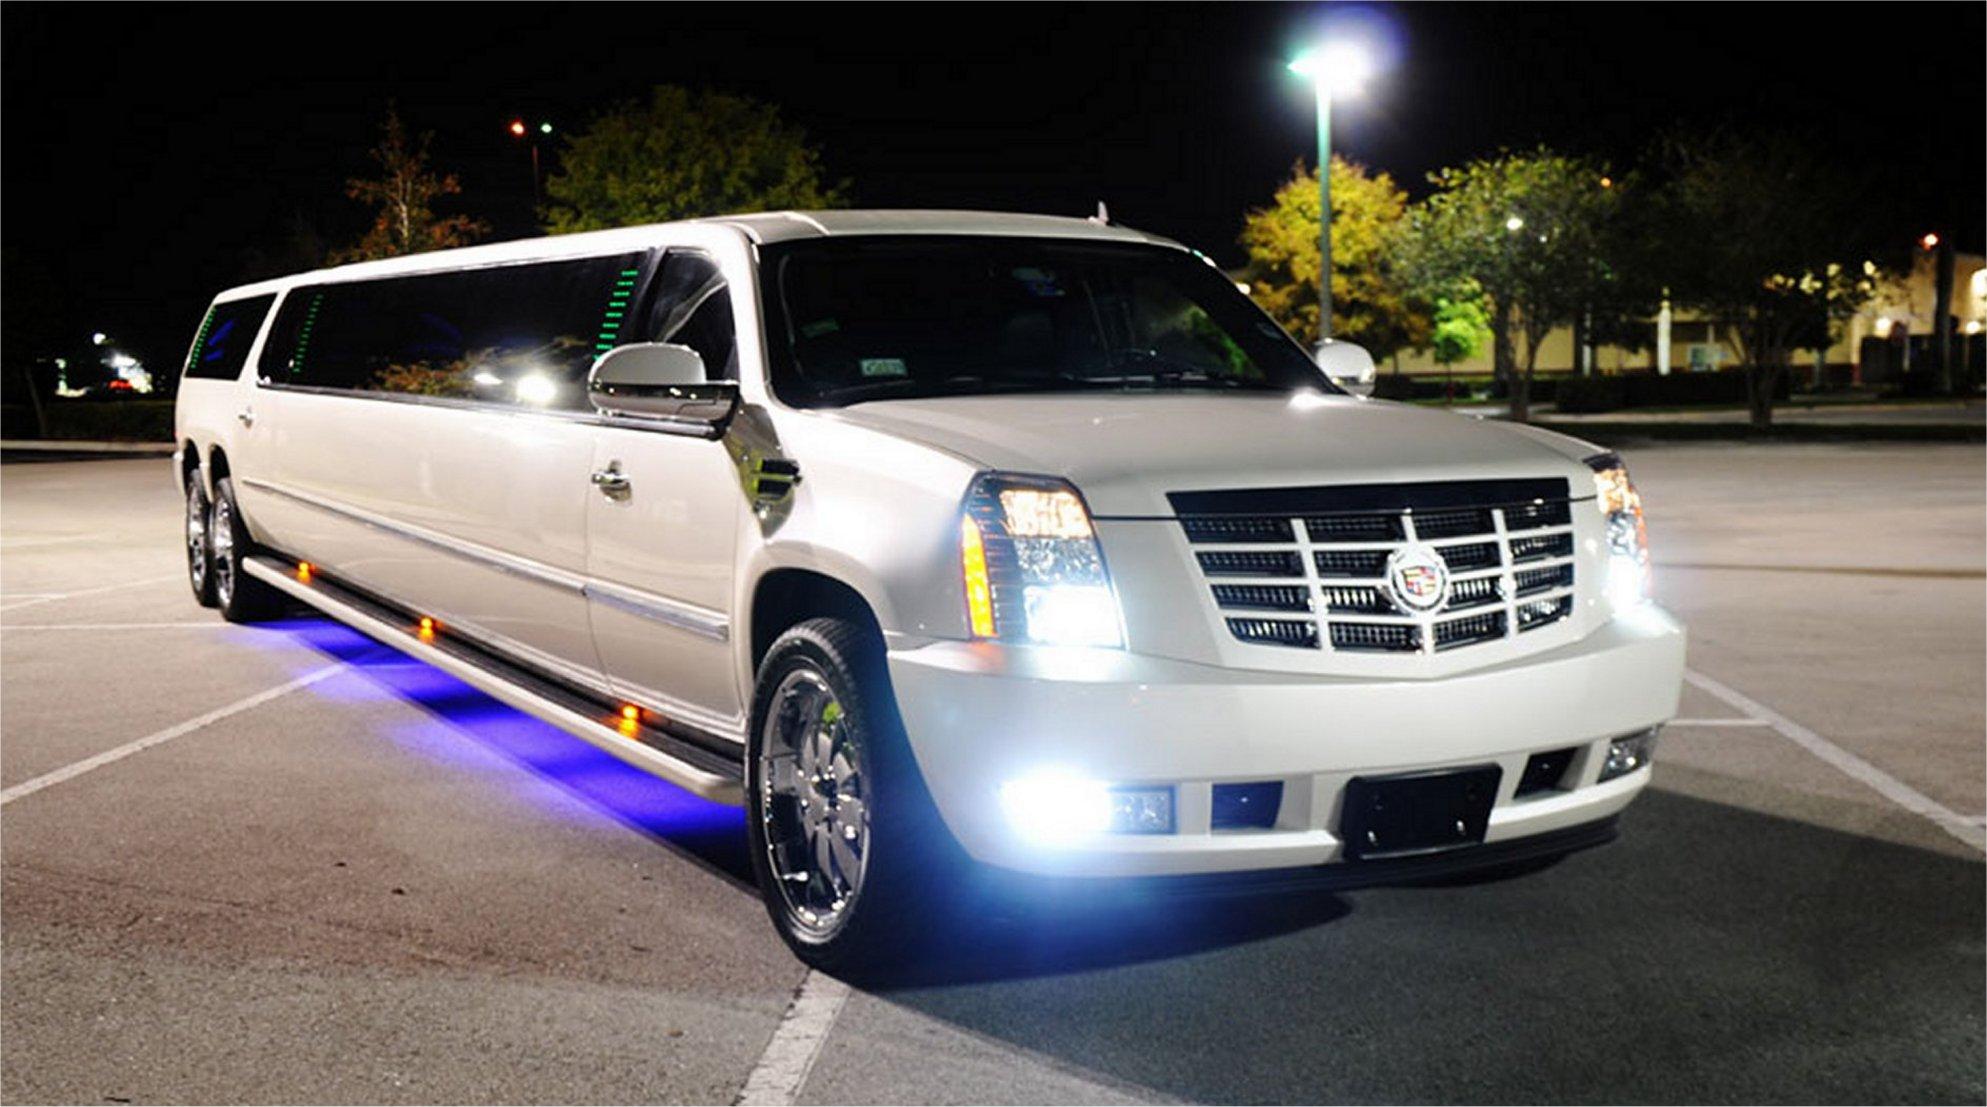 14 Passenger Cadillac Escalade Stretch SUV Limo Exterior 1 1 Cadillac Escalade SUV Limo